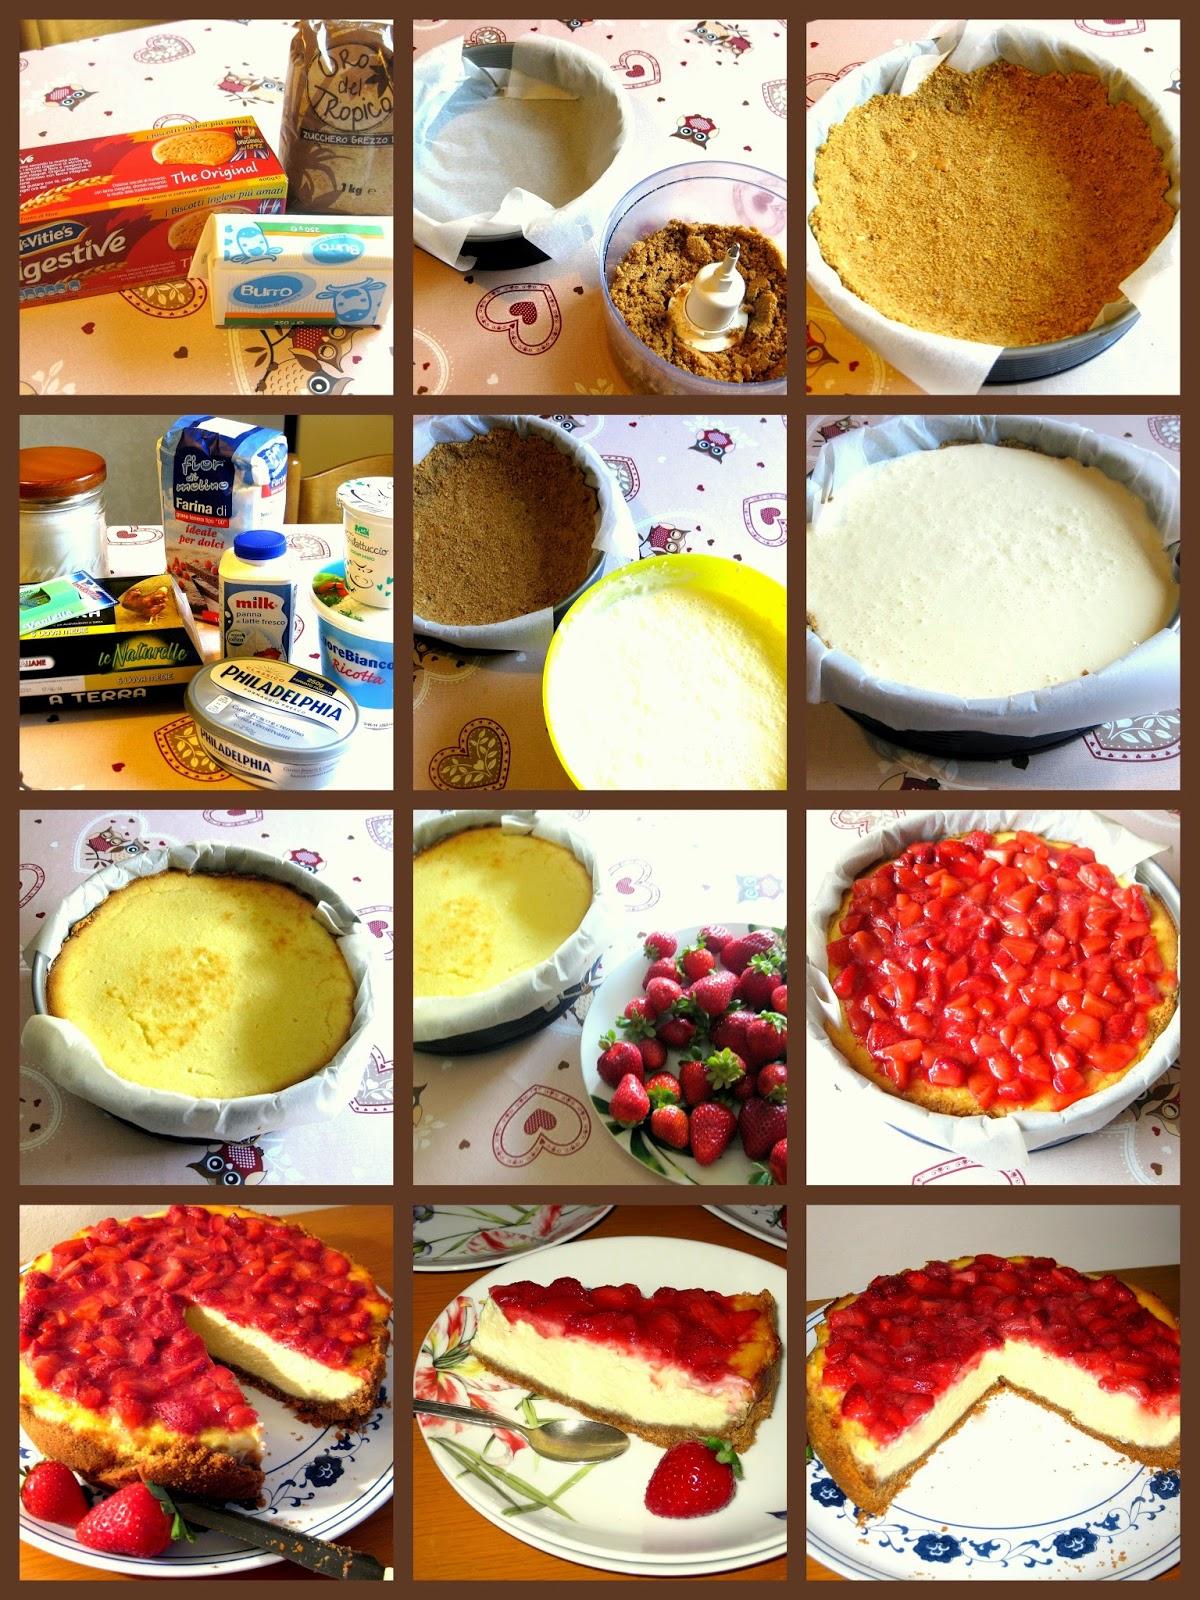 La ricetta della cheesecake con fragole e philadelphia è un must dell'estate. Rinfrescante e davvero golosa.